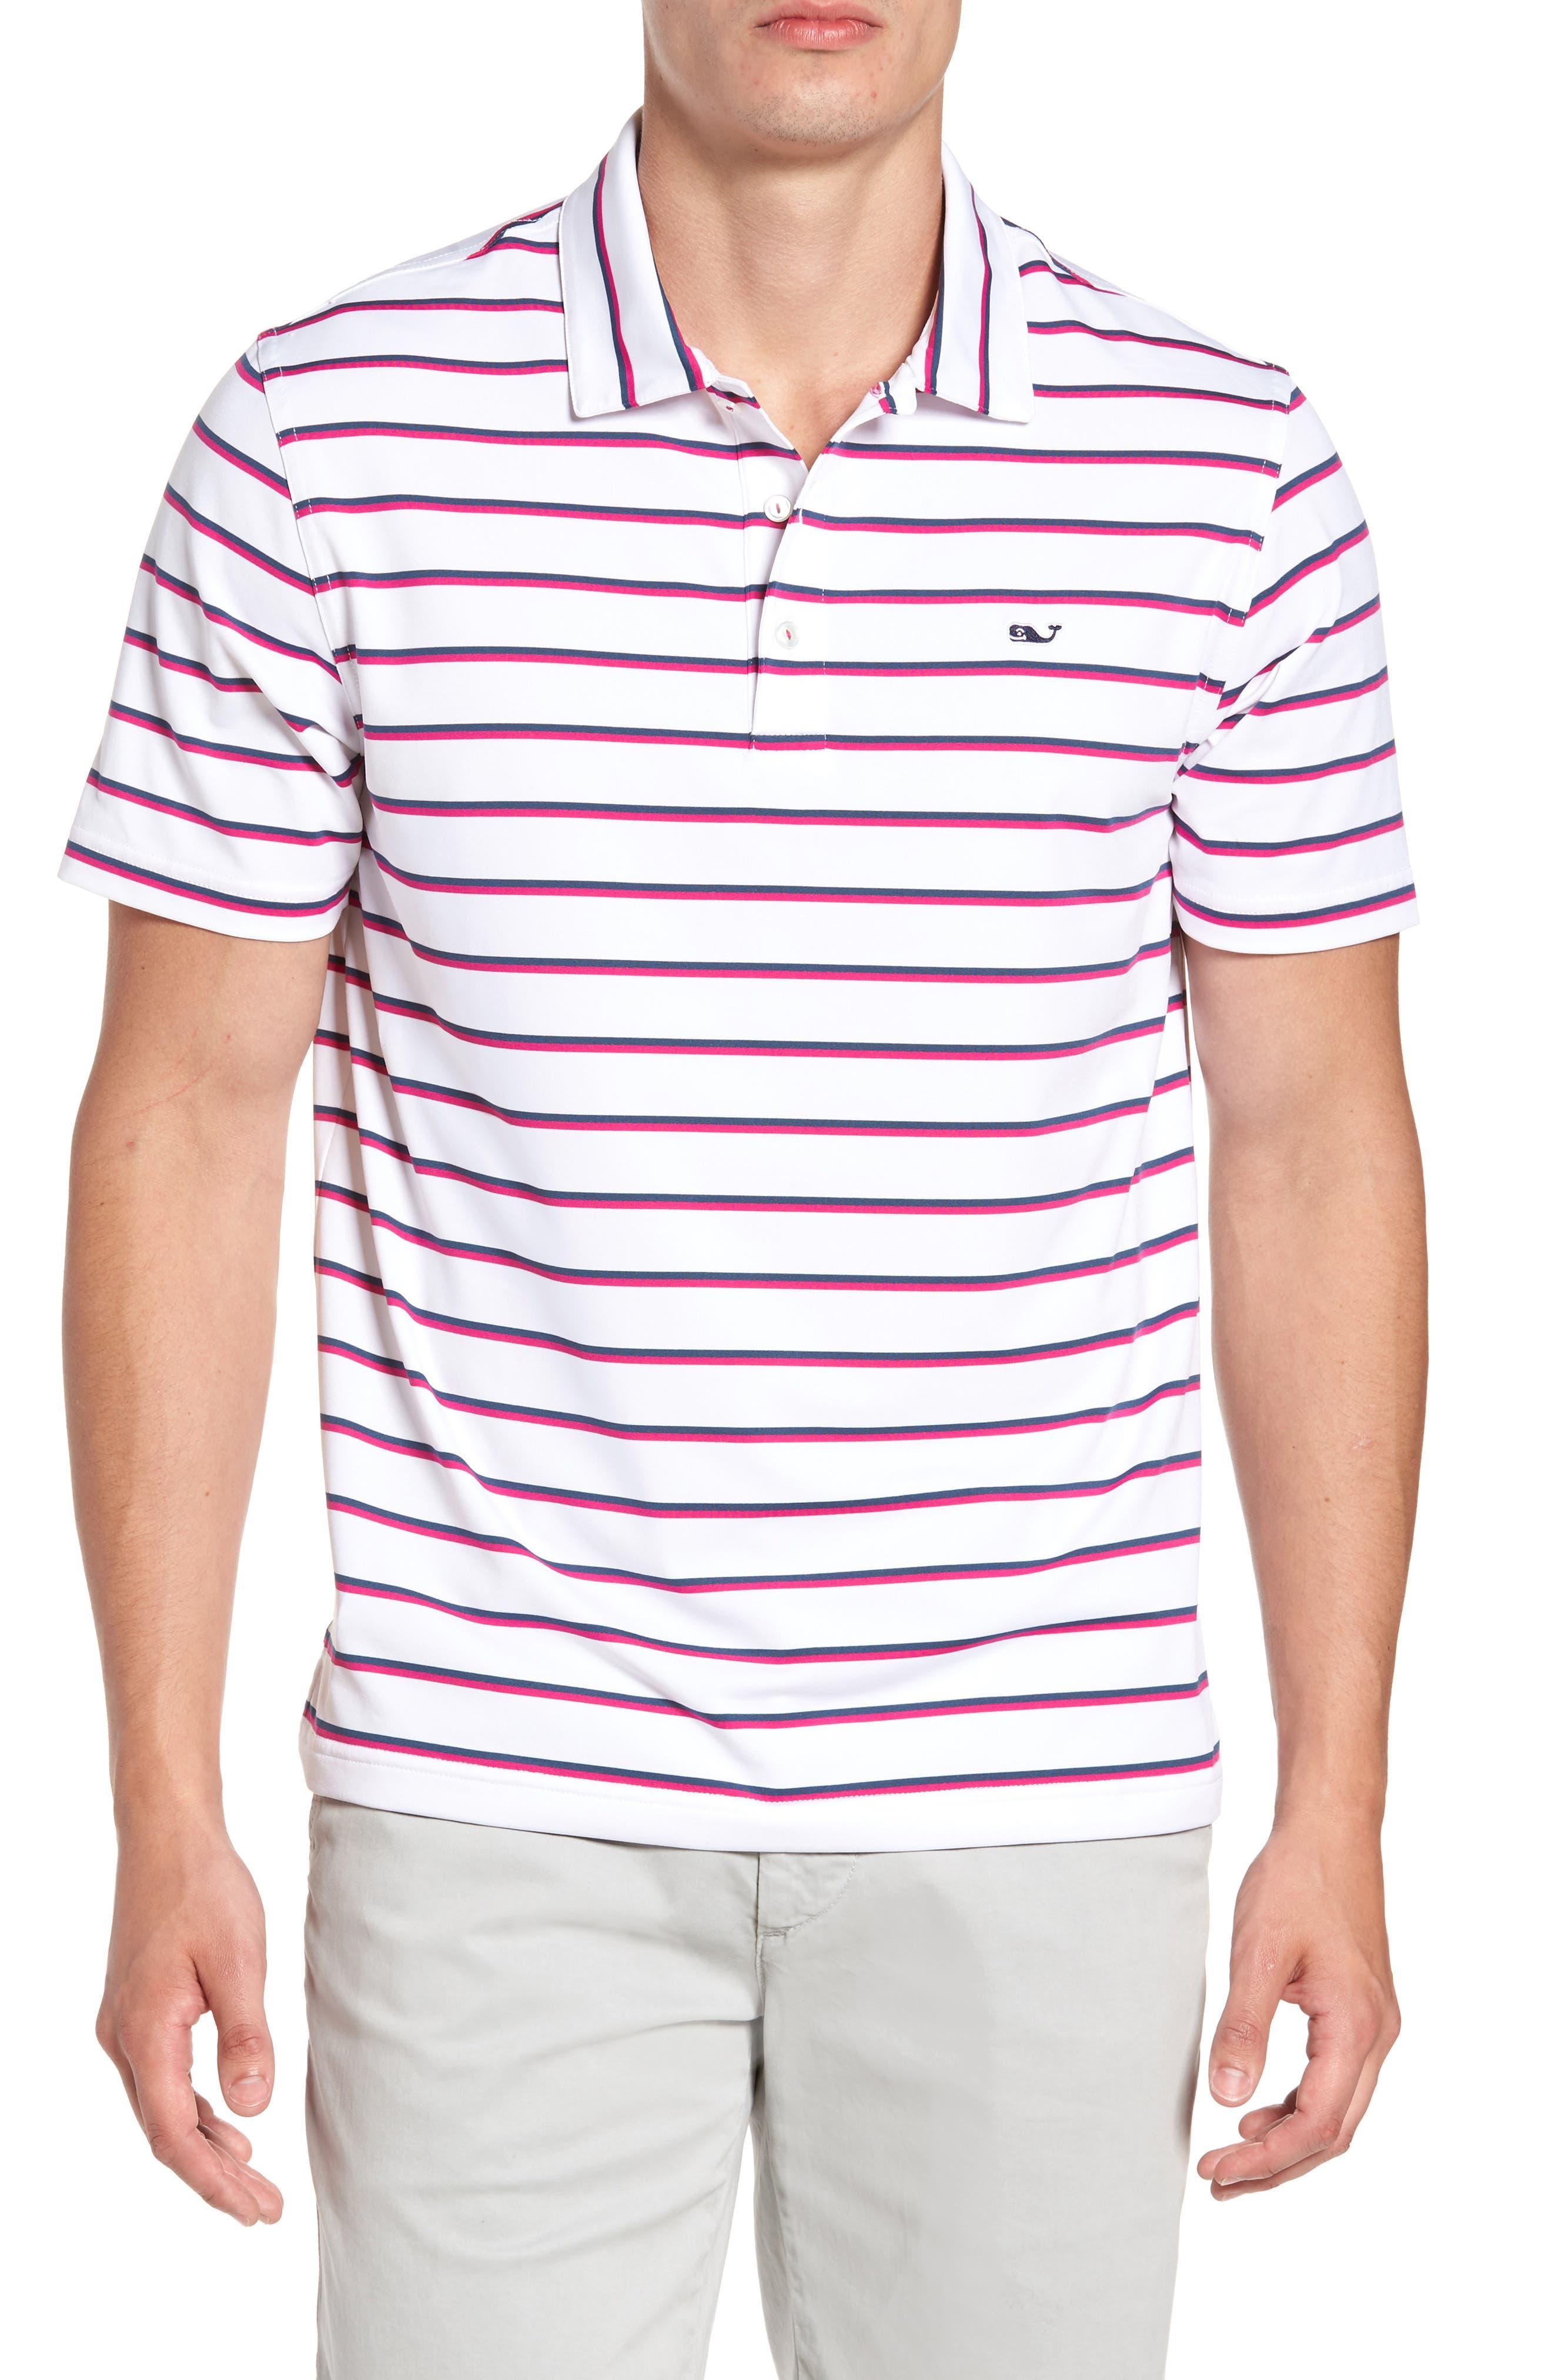 Eshman Stripe Polo,                         Main,                         color, 100